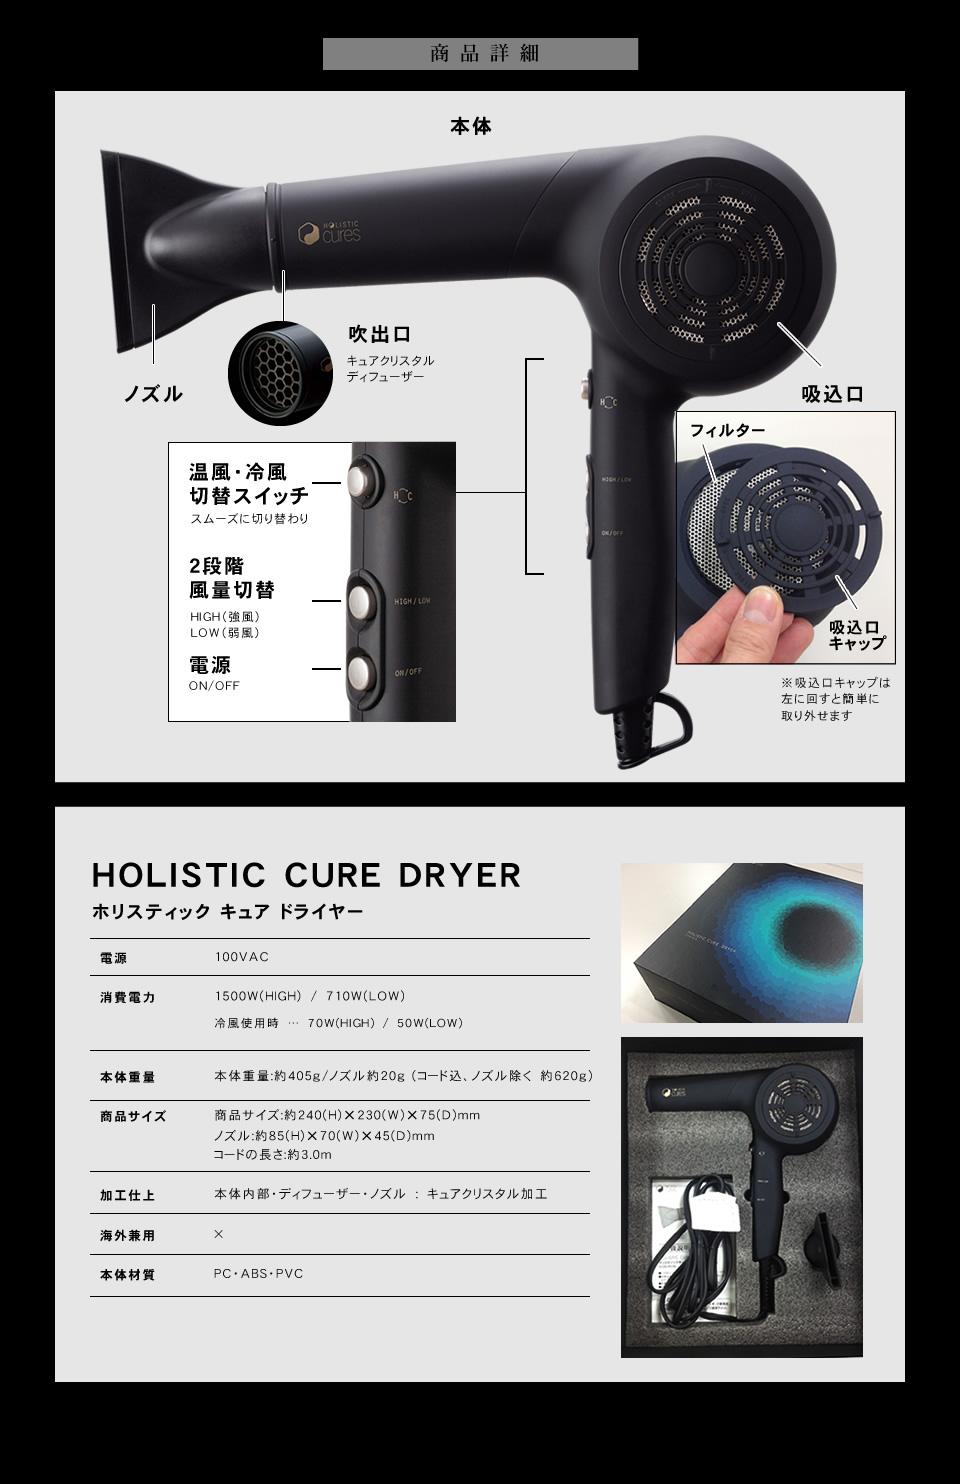 クレイツイオンテクノロジー ホリスティック キュア ドライヤー商品詳細